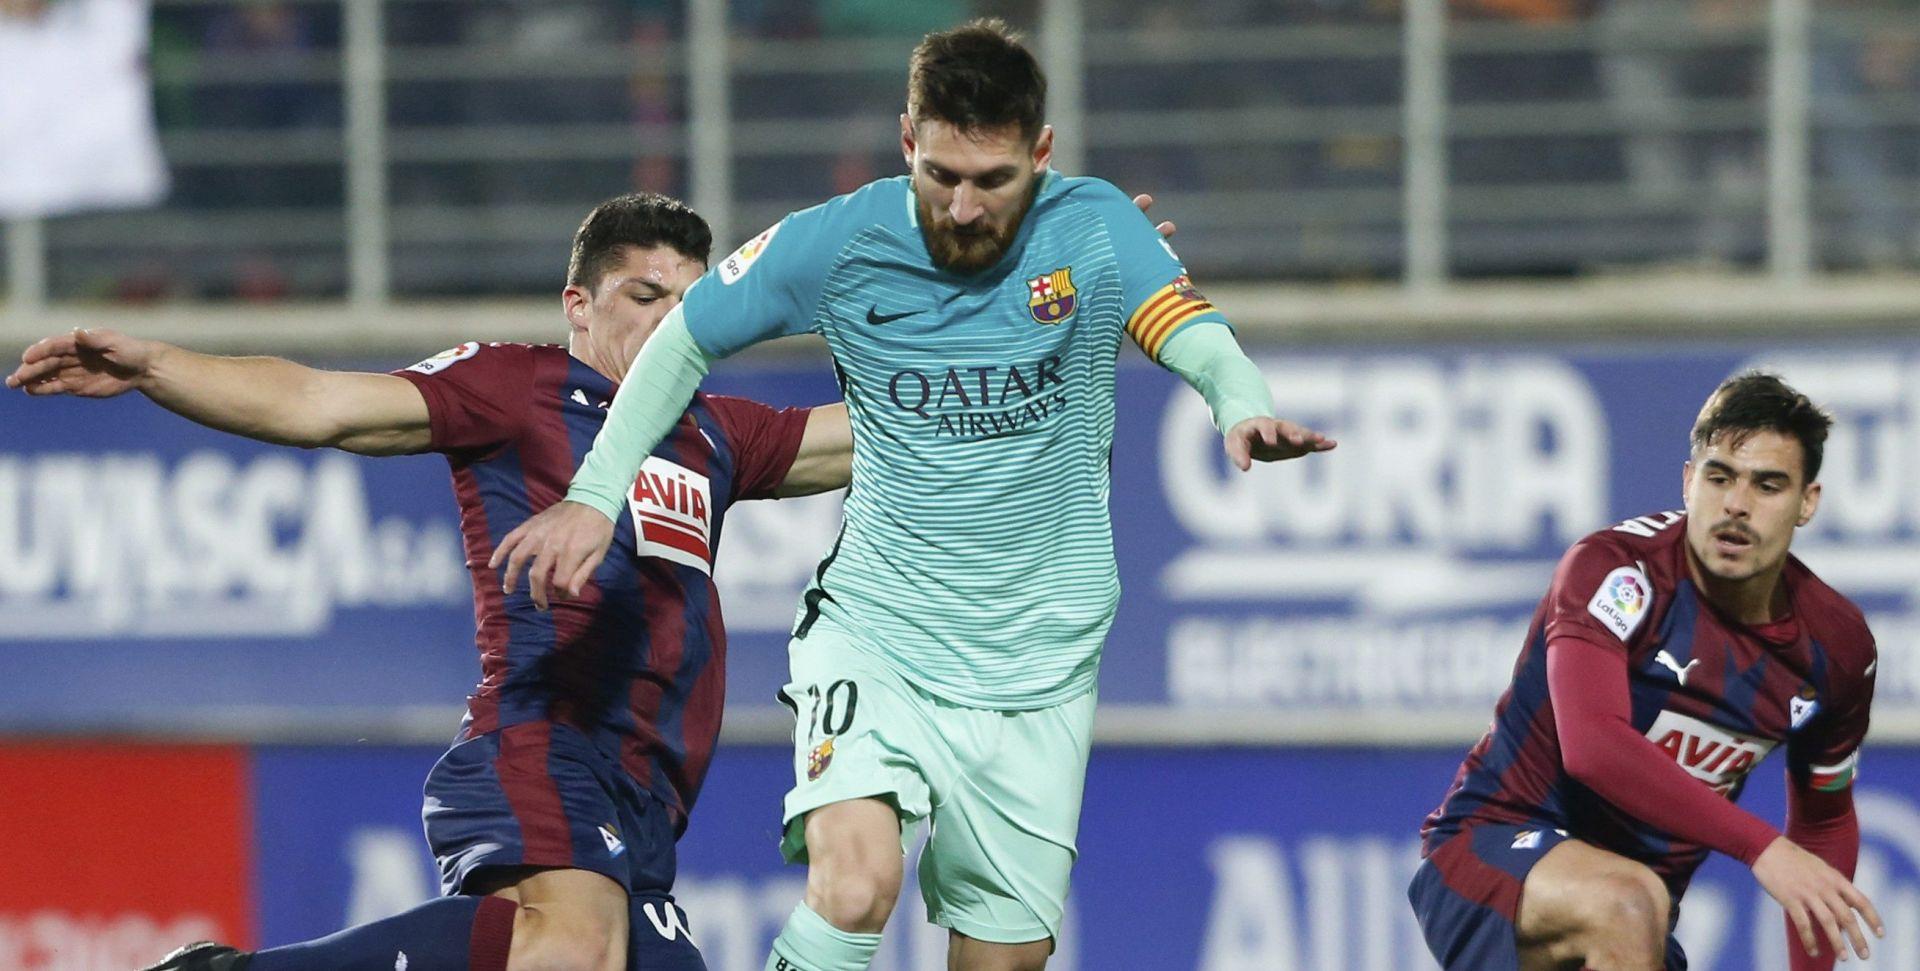 Barcelona 'četvorkom' preko Eibara, Rakitić odigrao cijelu utakmicu